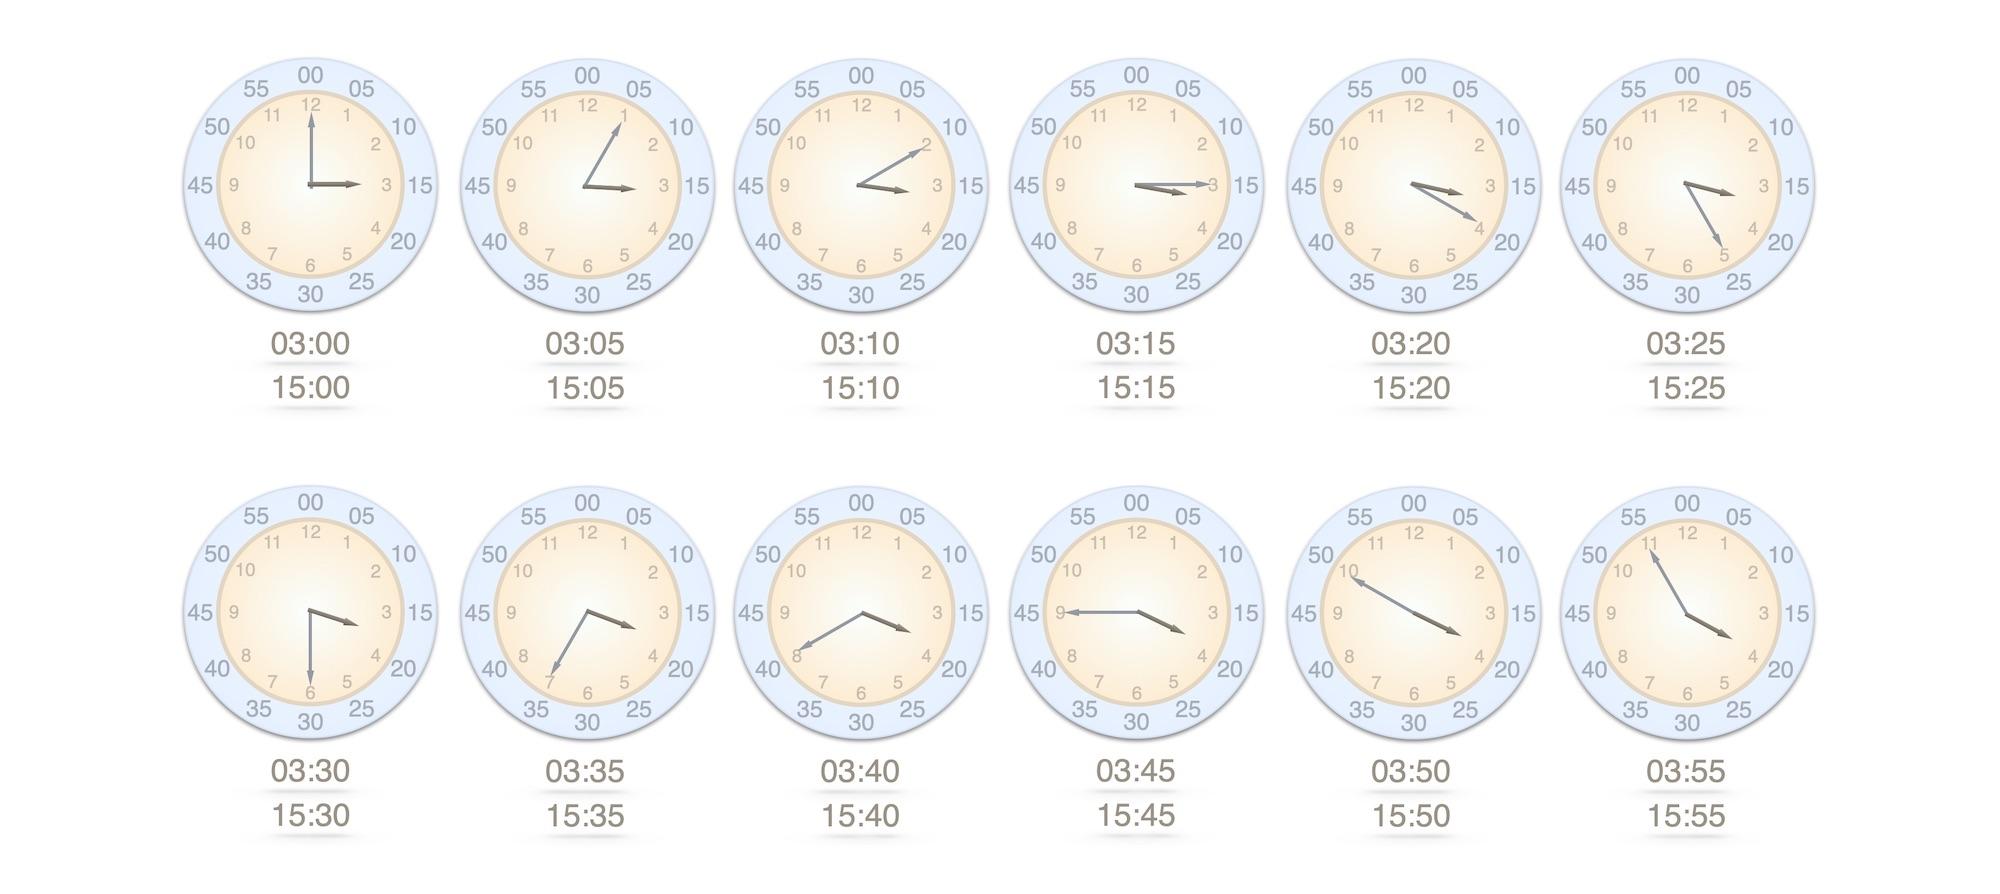 Aprender las horas intervalos de 5 minutos